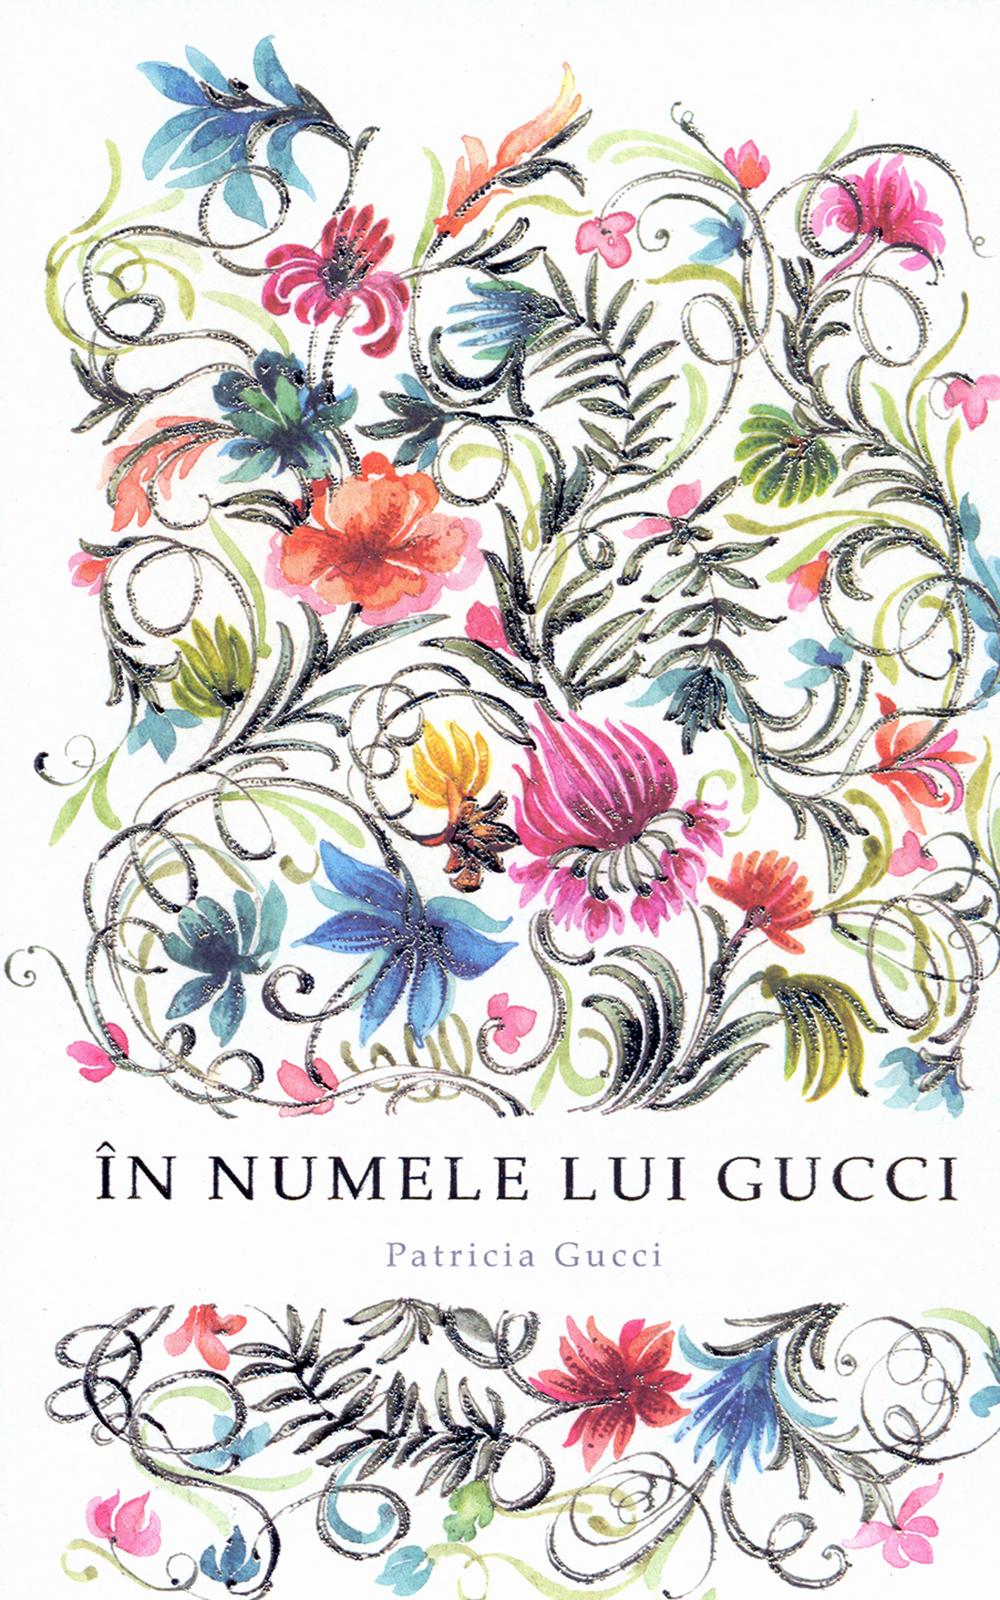 În numele lui Gucci - cartea pe care trebuie să o citești ...